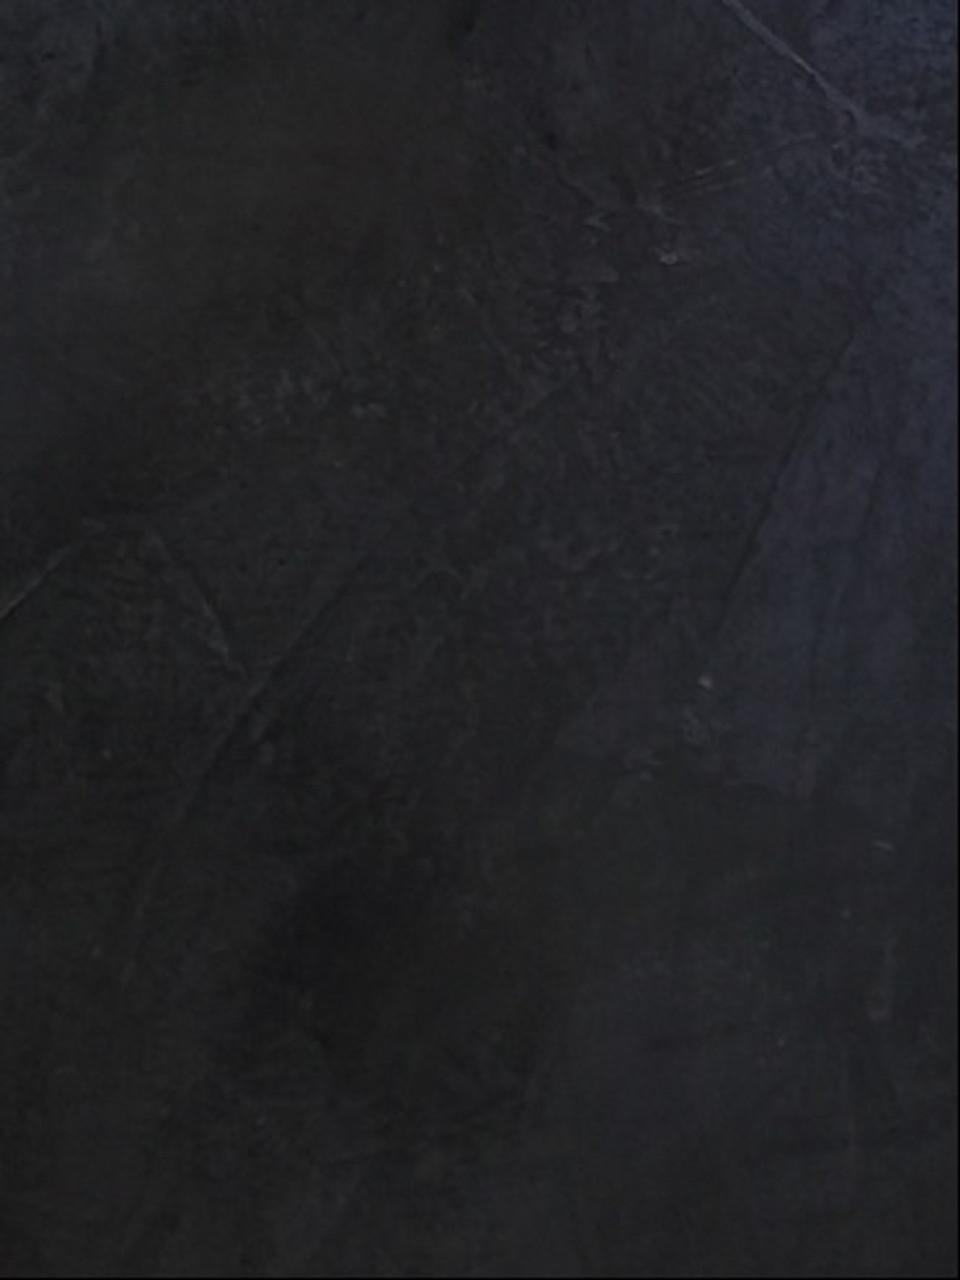 DuRock ST 541 Smoothrock Venetian Plaster (Black Polished Topcoat) (ST541)